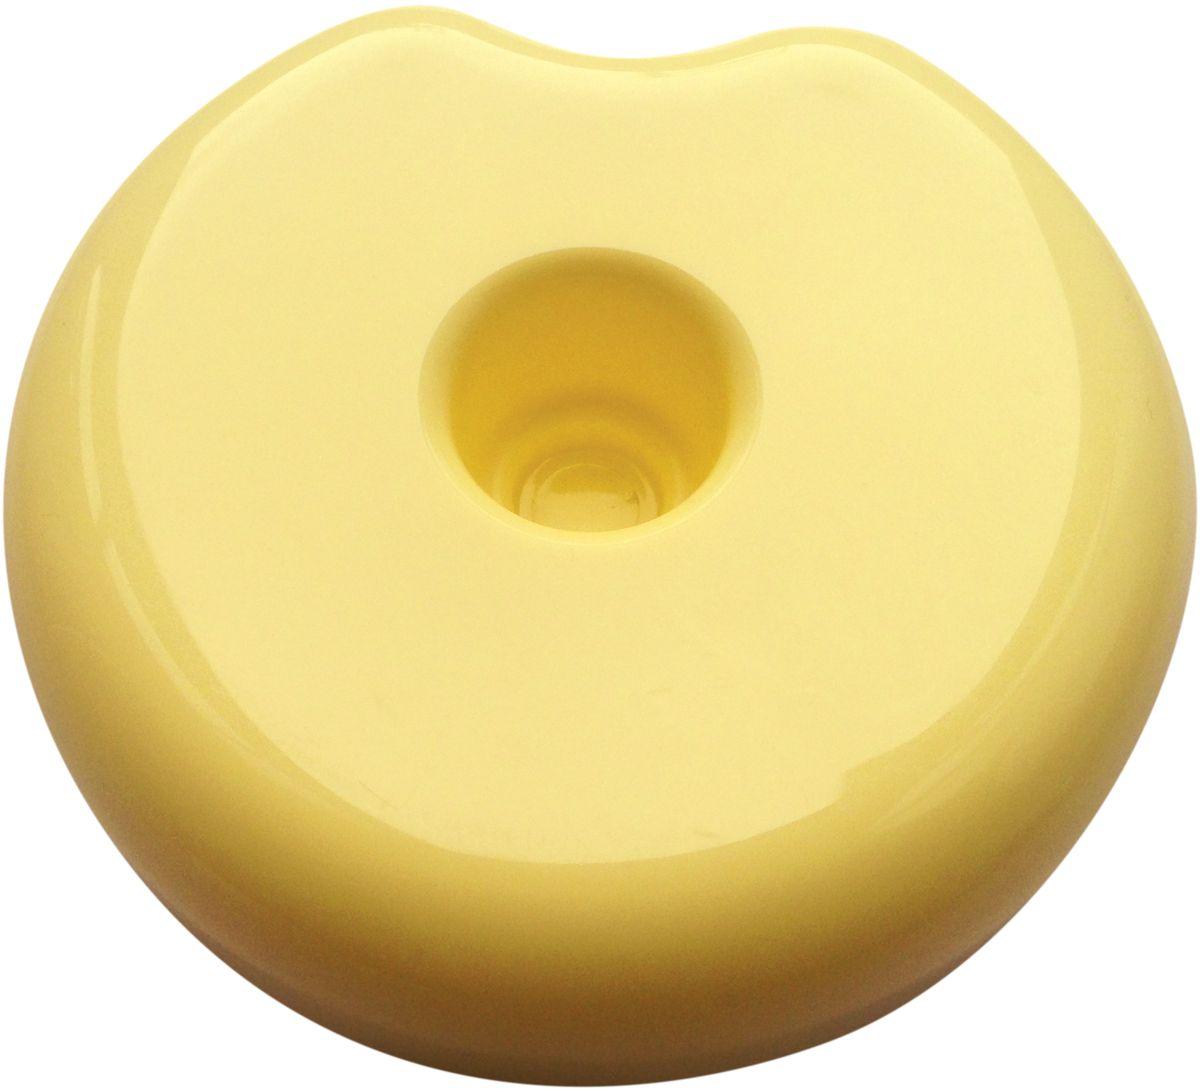 Janeke Щетка для волос. 93SP228B GIA865367Марка Janeke – мировой лидер по производству расчесок, щеток, маникюрных принадлежностей, зеркал и косметичек. Марка Janeke, основанная в 1830 году, вот уже почти 180 лет поддерживает непревзойденное качество своей продукции, сочетая новейшие технологии с традициями старых миланских мастеров. Все изделия на 80% производятся вручную, а инновационные технологии и современные материалы делают продукцию марки поистине уникальной. Стильный и эргономичный дизайн, яркие цветовые решения – все это приносит истинное удовольствие от использования аксессуаров Janeke. Цветная линия - это расчески и щетки,изготовленные из высококачественного пластика. Цвета меняются два раза в год в соответствии с последними трендами моды.